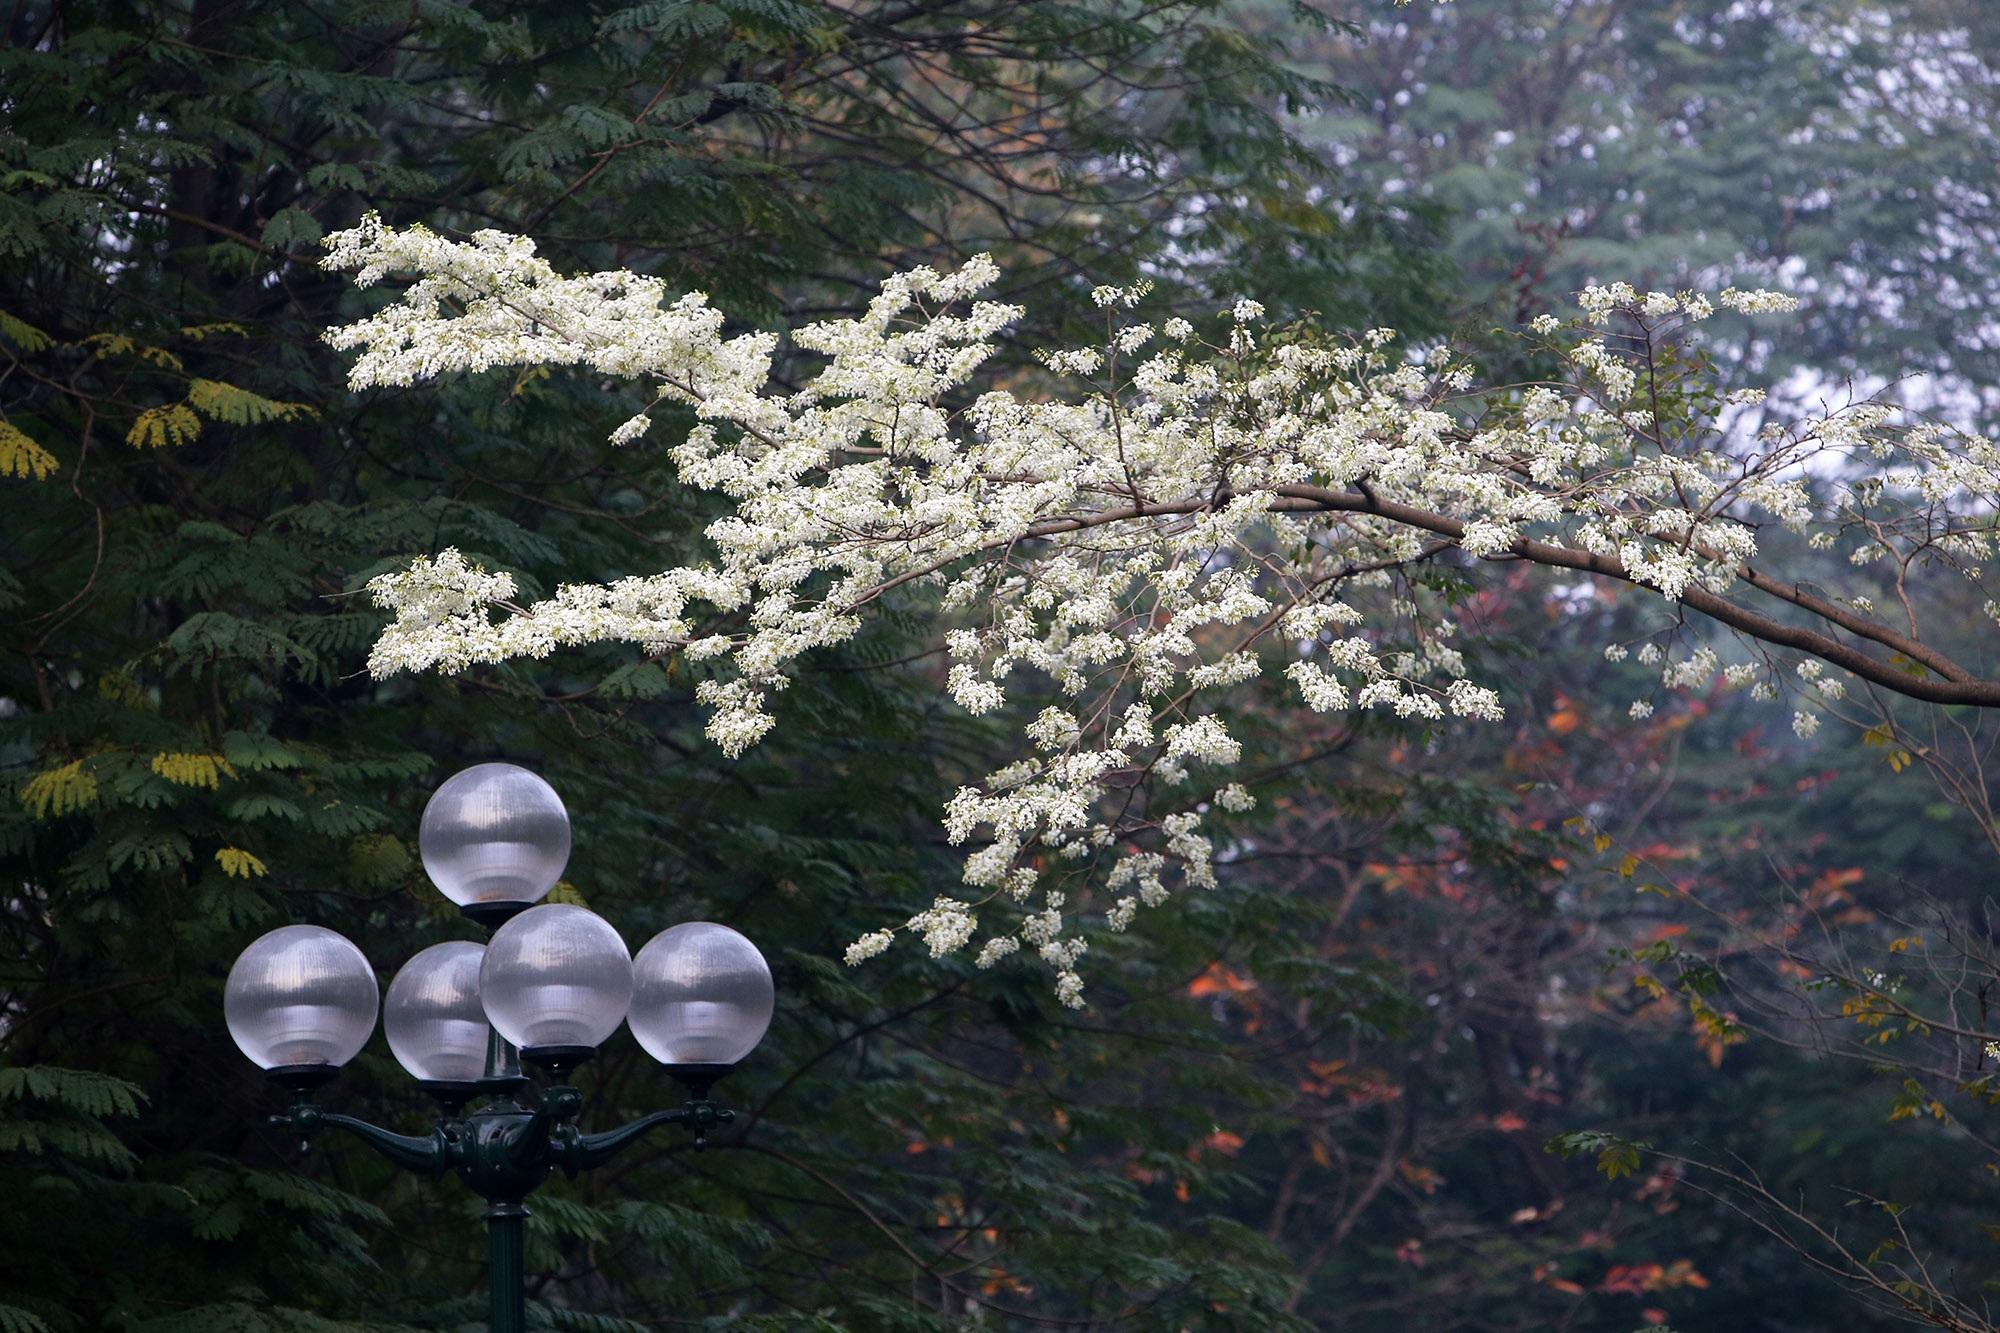 Ngắm hoa sưa nở trắng trời Hà Nội - 11